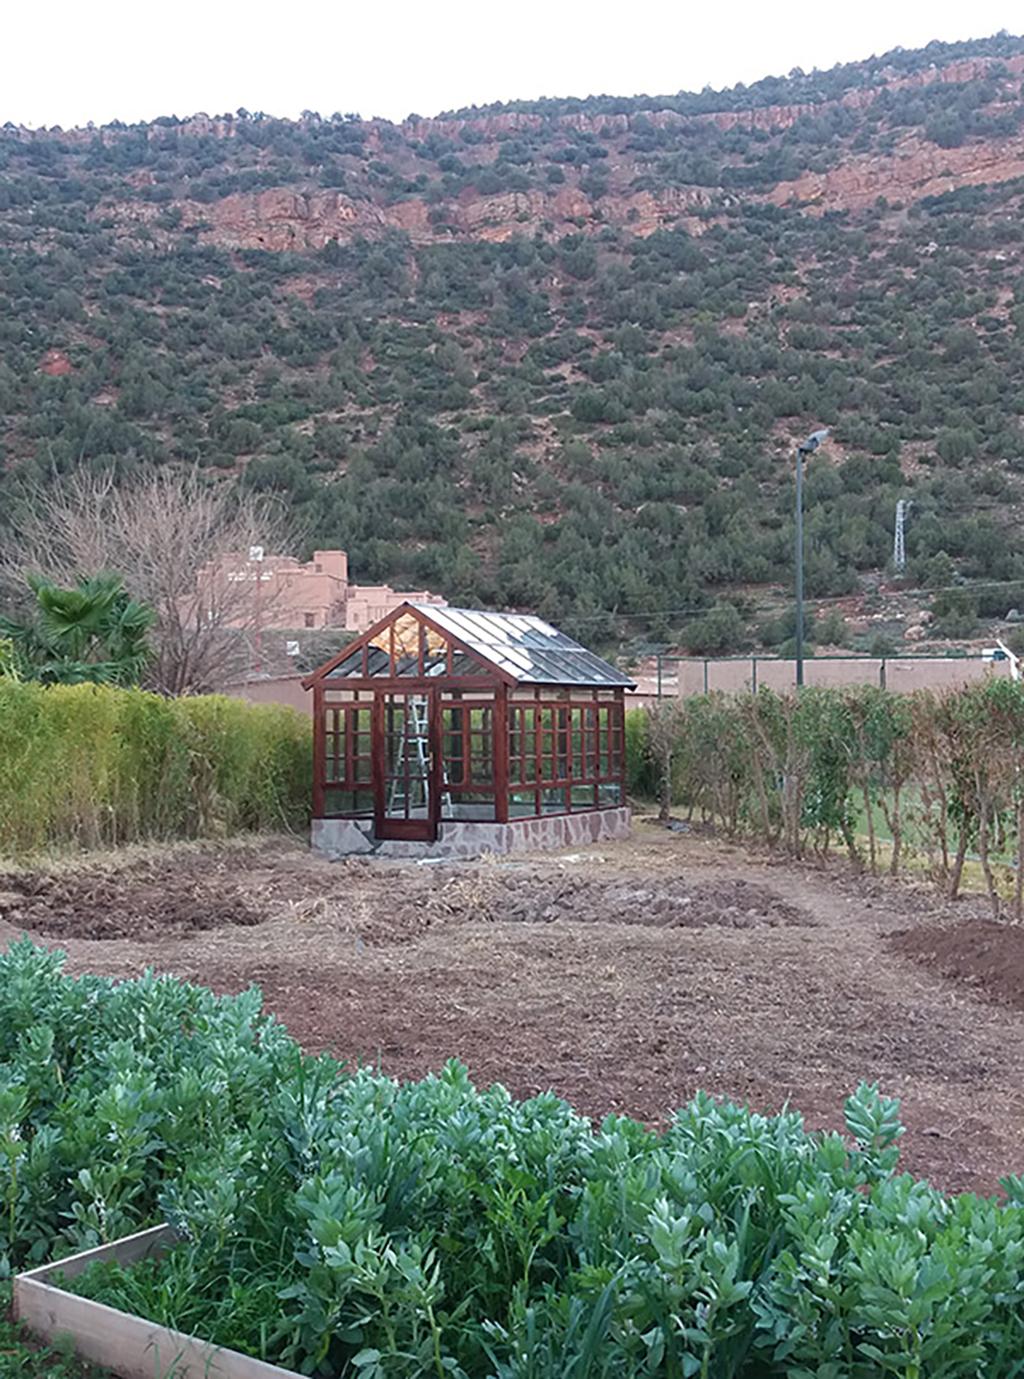 Greenhouse at Kasbah Tamadot